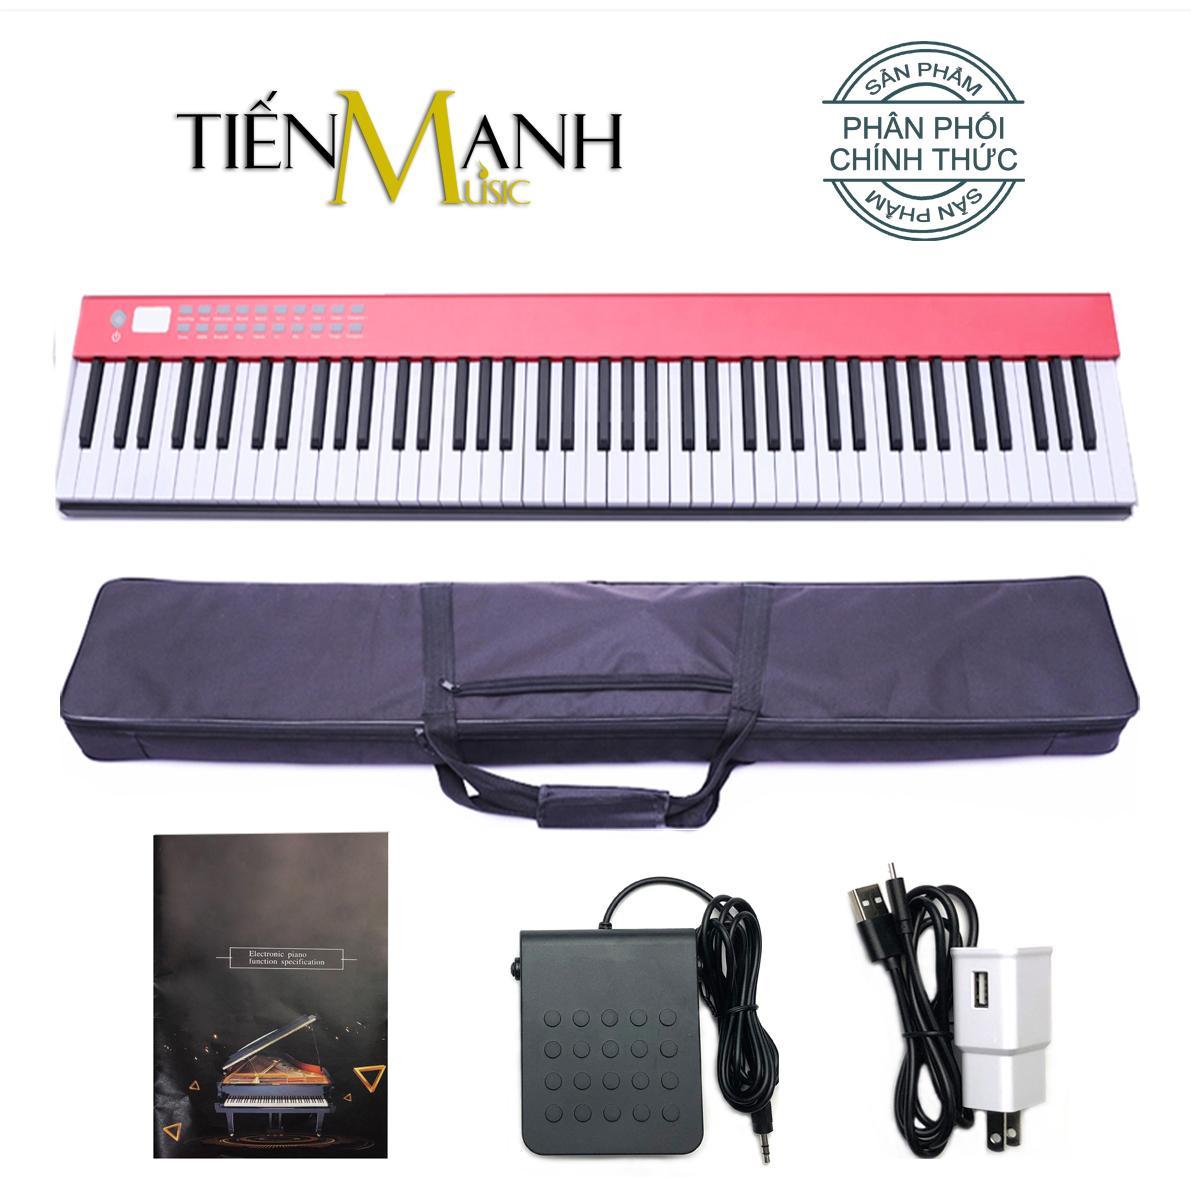 Đàn Piano Điện Bora 88 Phím nặng Cảm ứng lực BX-02 - Midi Keyboard Controllers BX-II (Tăng giảm tone Transpose, BX-2 Kết nối Bluetooth, Pin sạc 1100mAh - Phần mềm và Hướng dẫn Tiếng Việt -Tặng bao đựng)